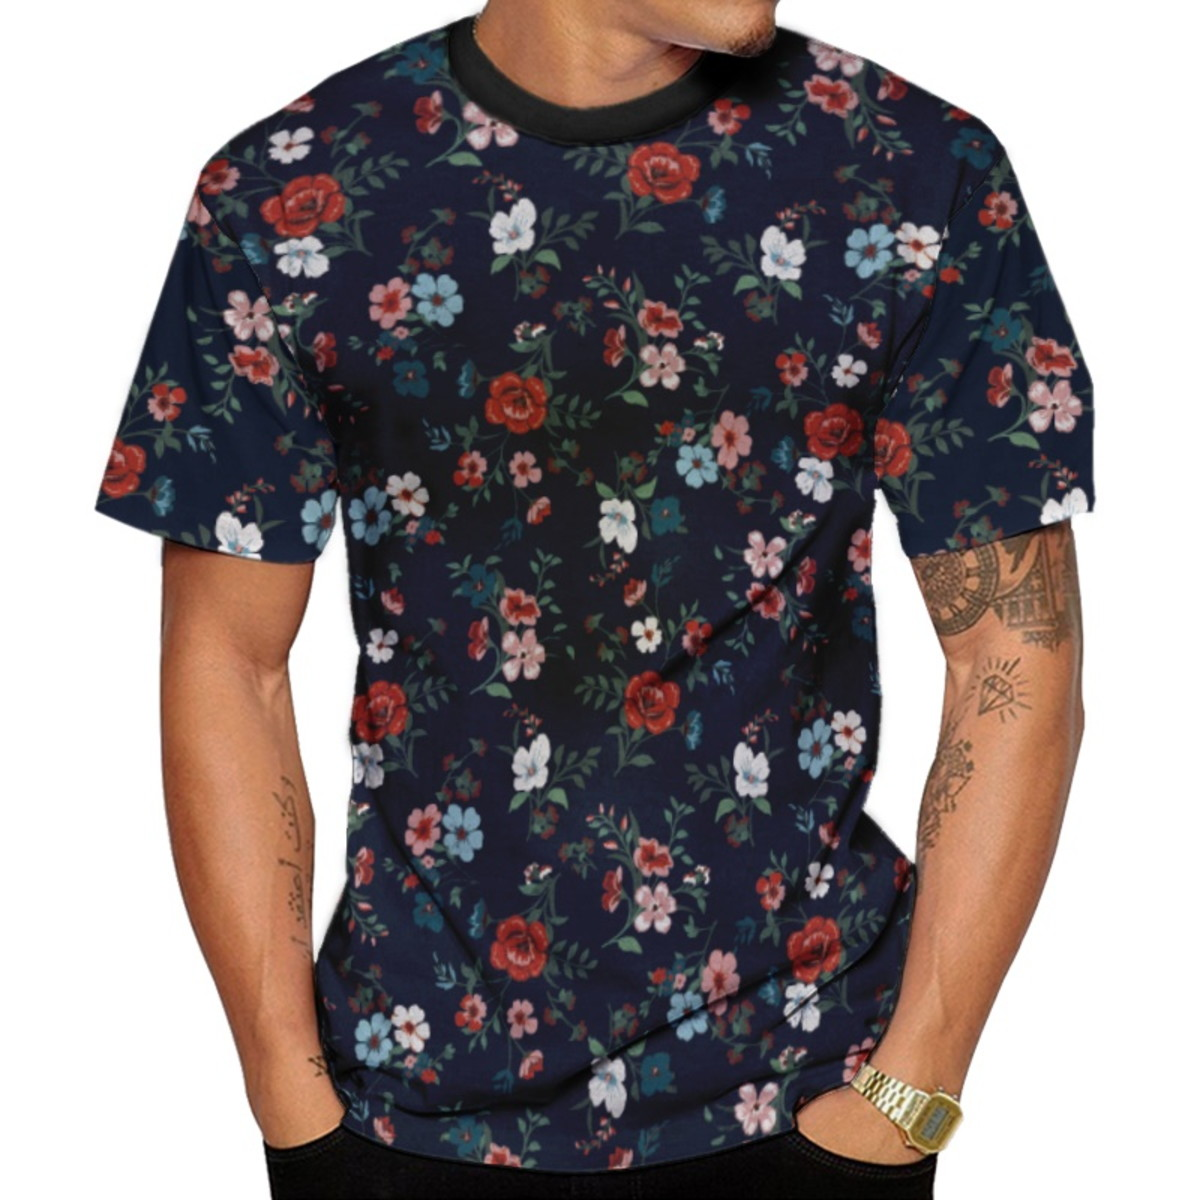 ce0ca93a89 Camiseta Masculina Florida Floral Várias Cores no Elo7